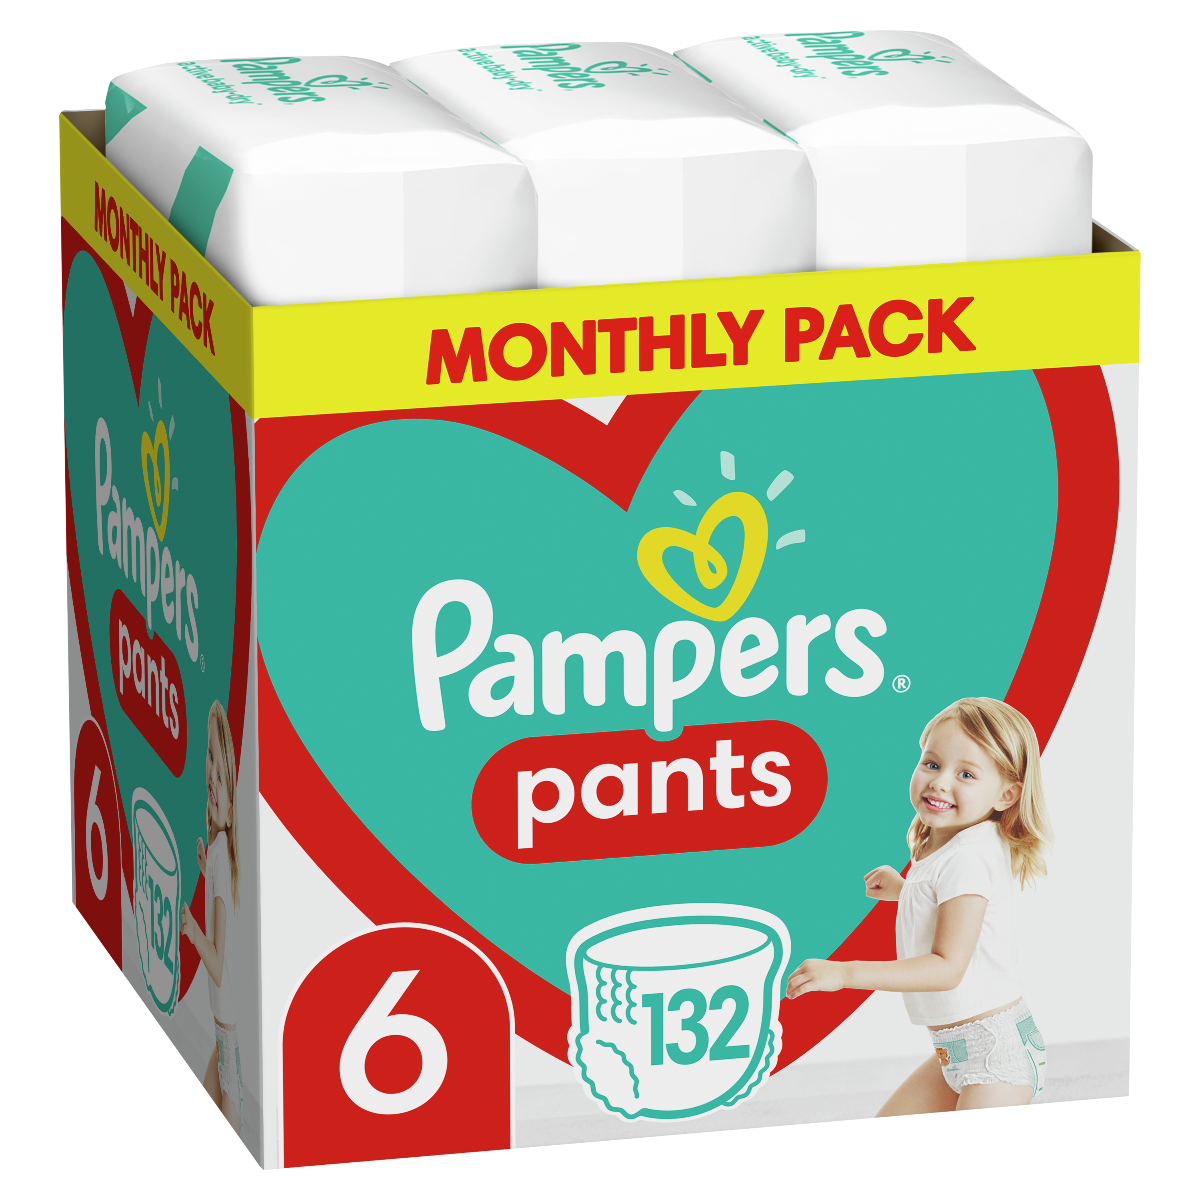 Πάνες Pampers Pants Monthly Pack Νο6 (15+kg) 132τεμ